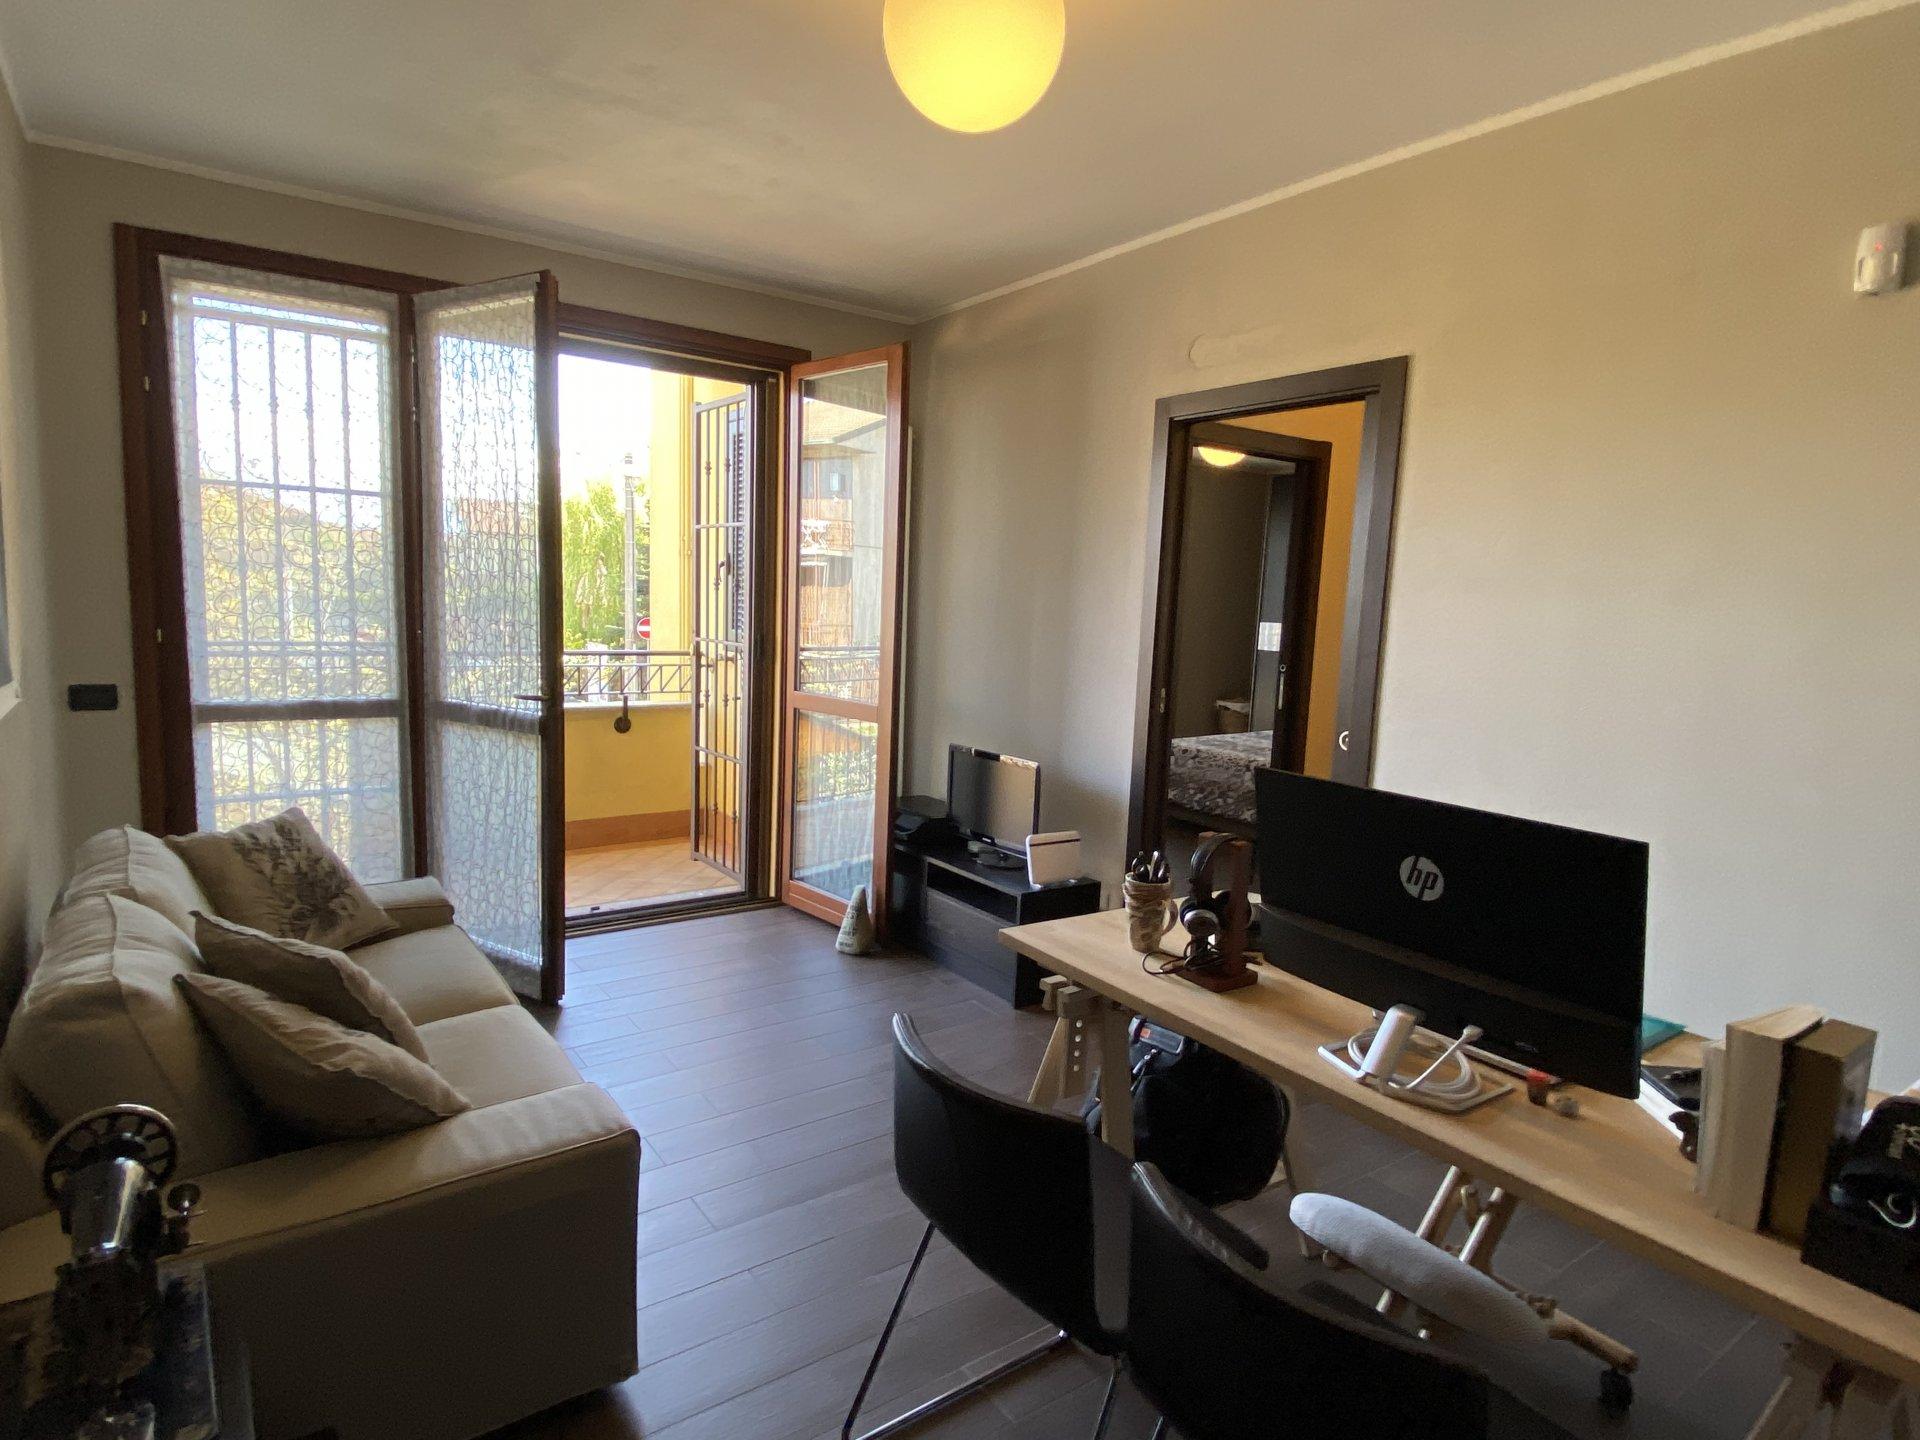 Pregnana Milanese (MI) - Via Trento n. 5 : Delizioso appartamento per totali 100 mq su due livelli con giardino.